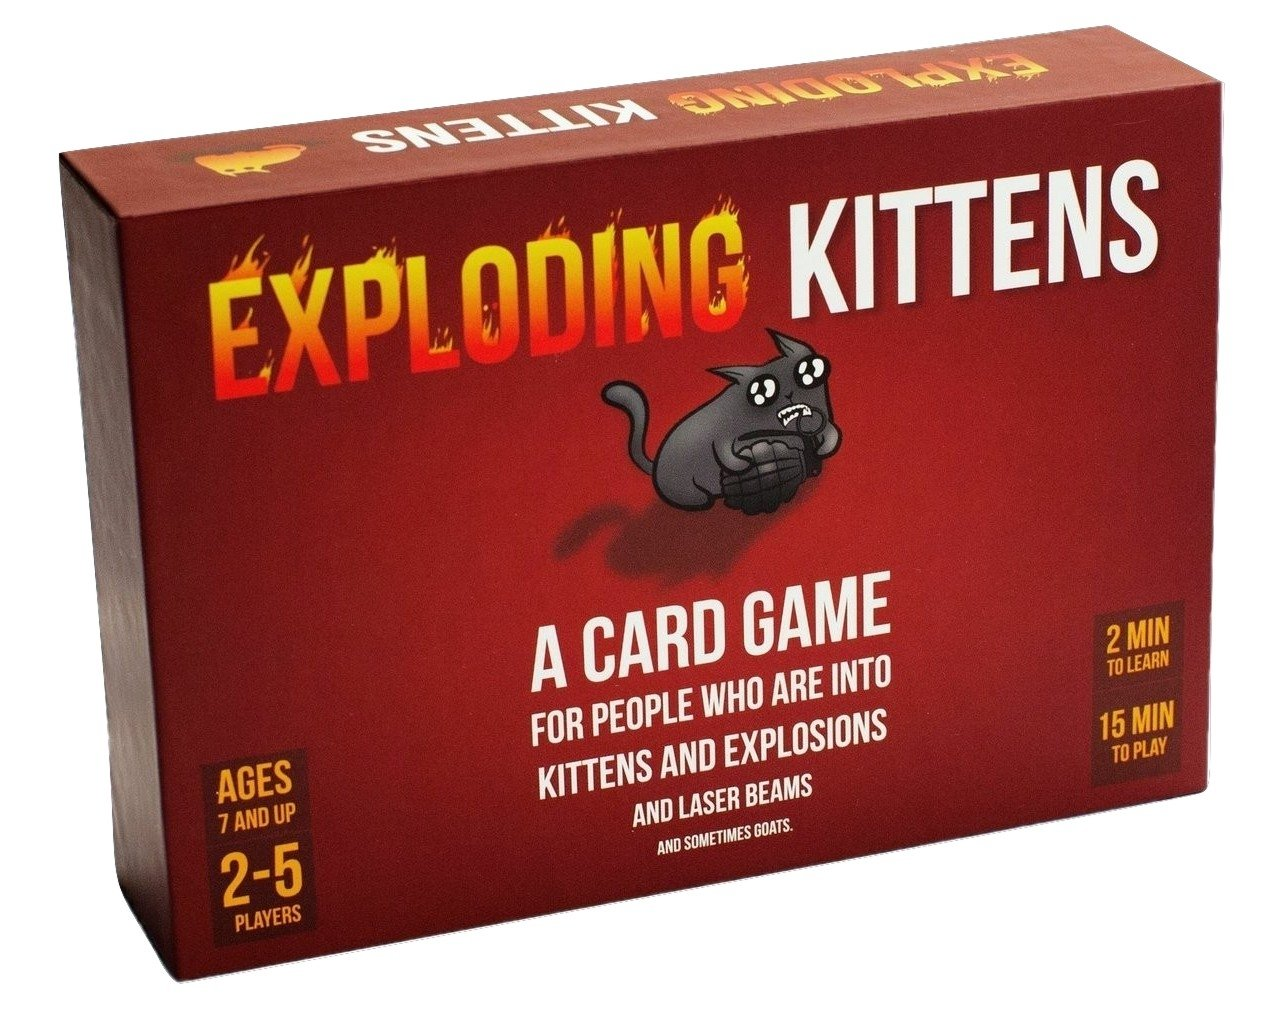 Exploding Kittens il gioco più finanziato nella storia di Kickstarter